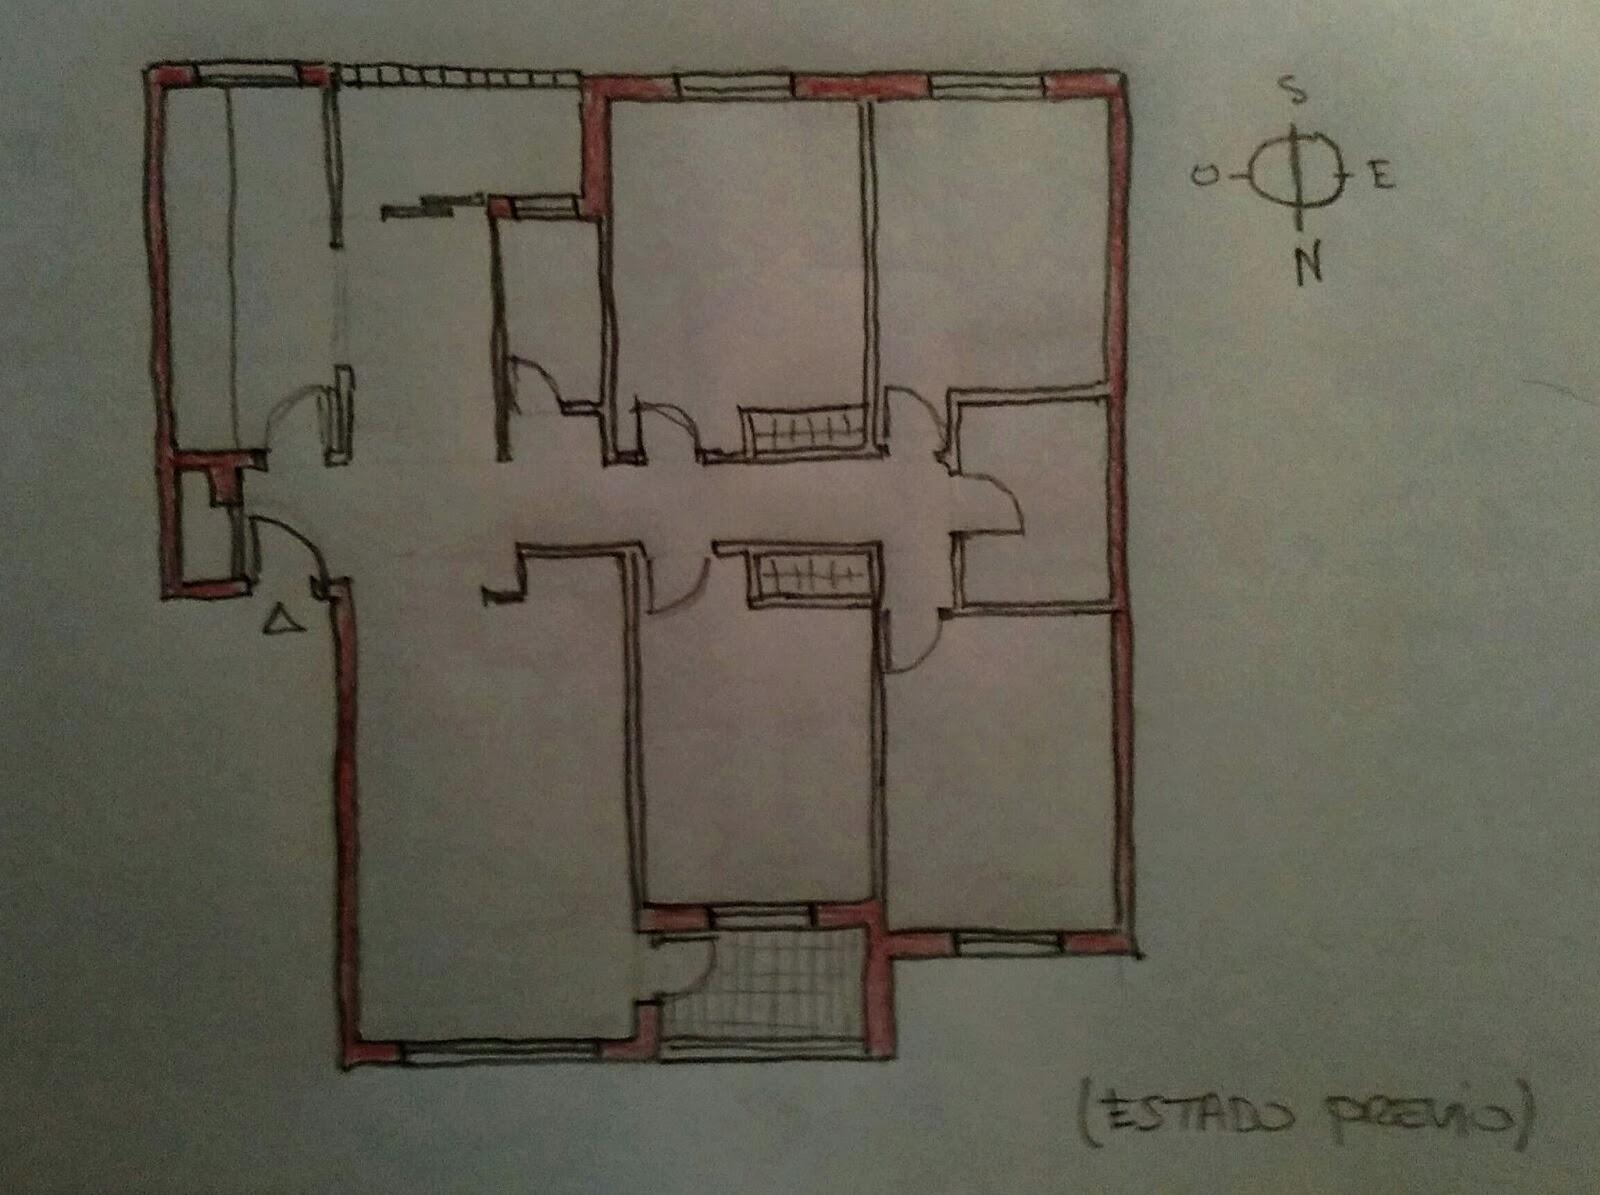 Proyecto de reforma vivienda - Reforma vivienda madrid ...